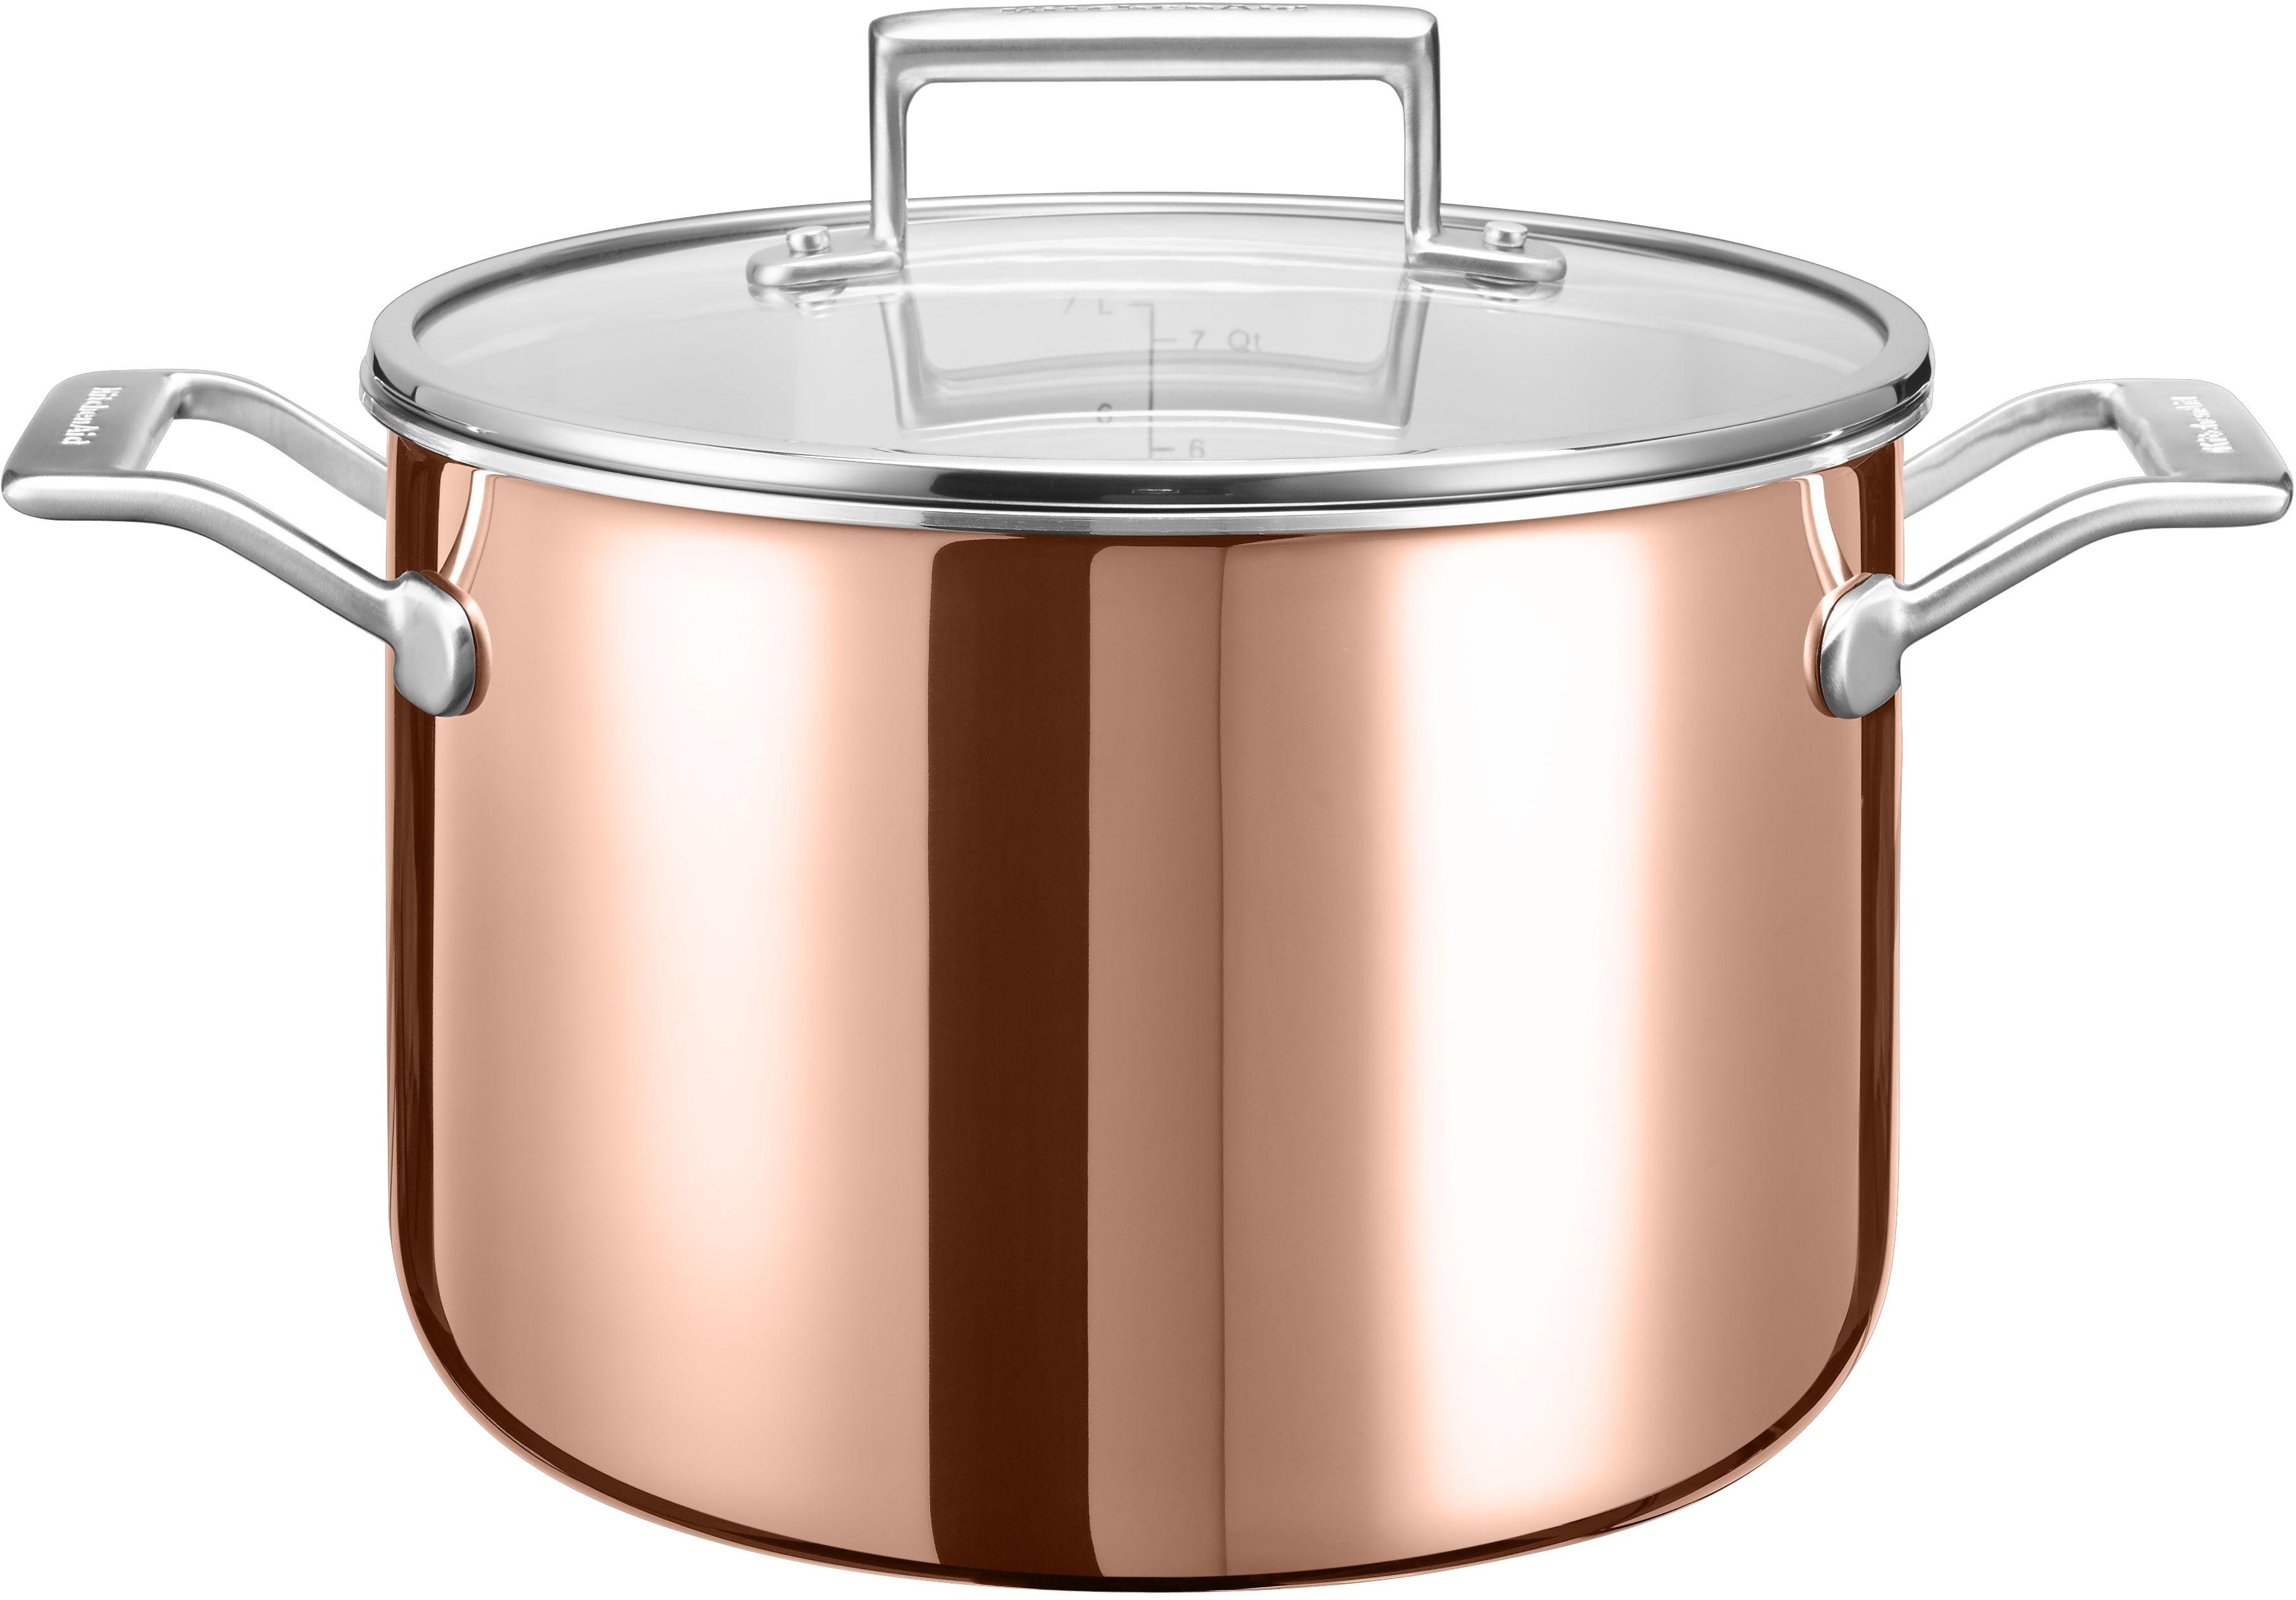 KitchenAid Suppentopf (1-tlg.) braun Suppentöpfe Töpfe Haushaltswaren Topf